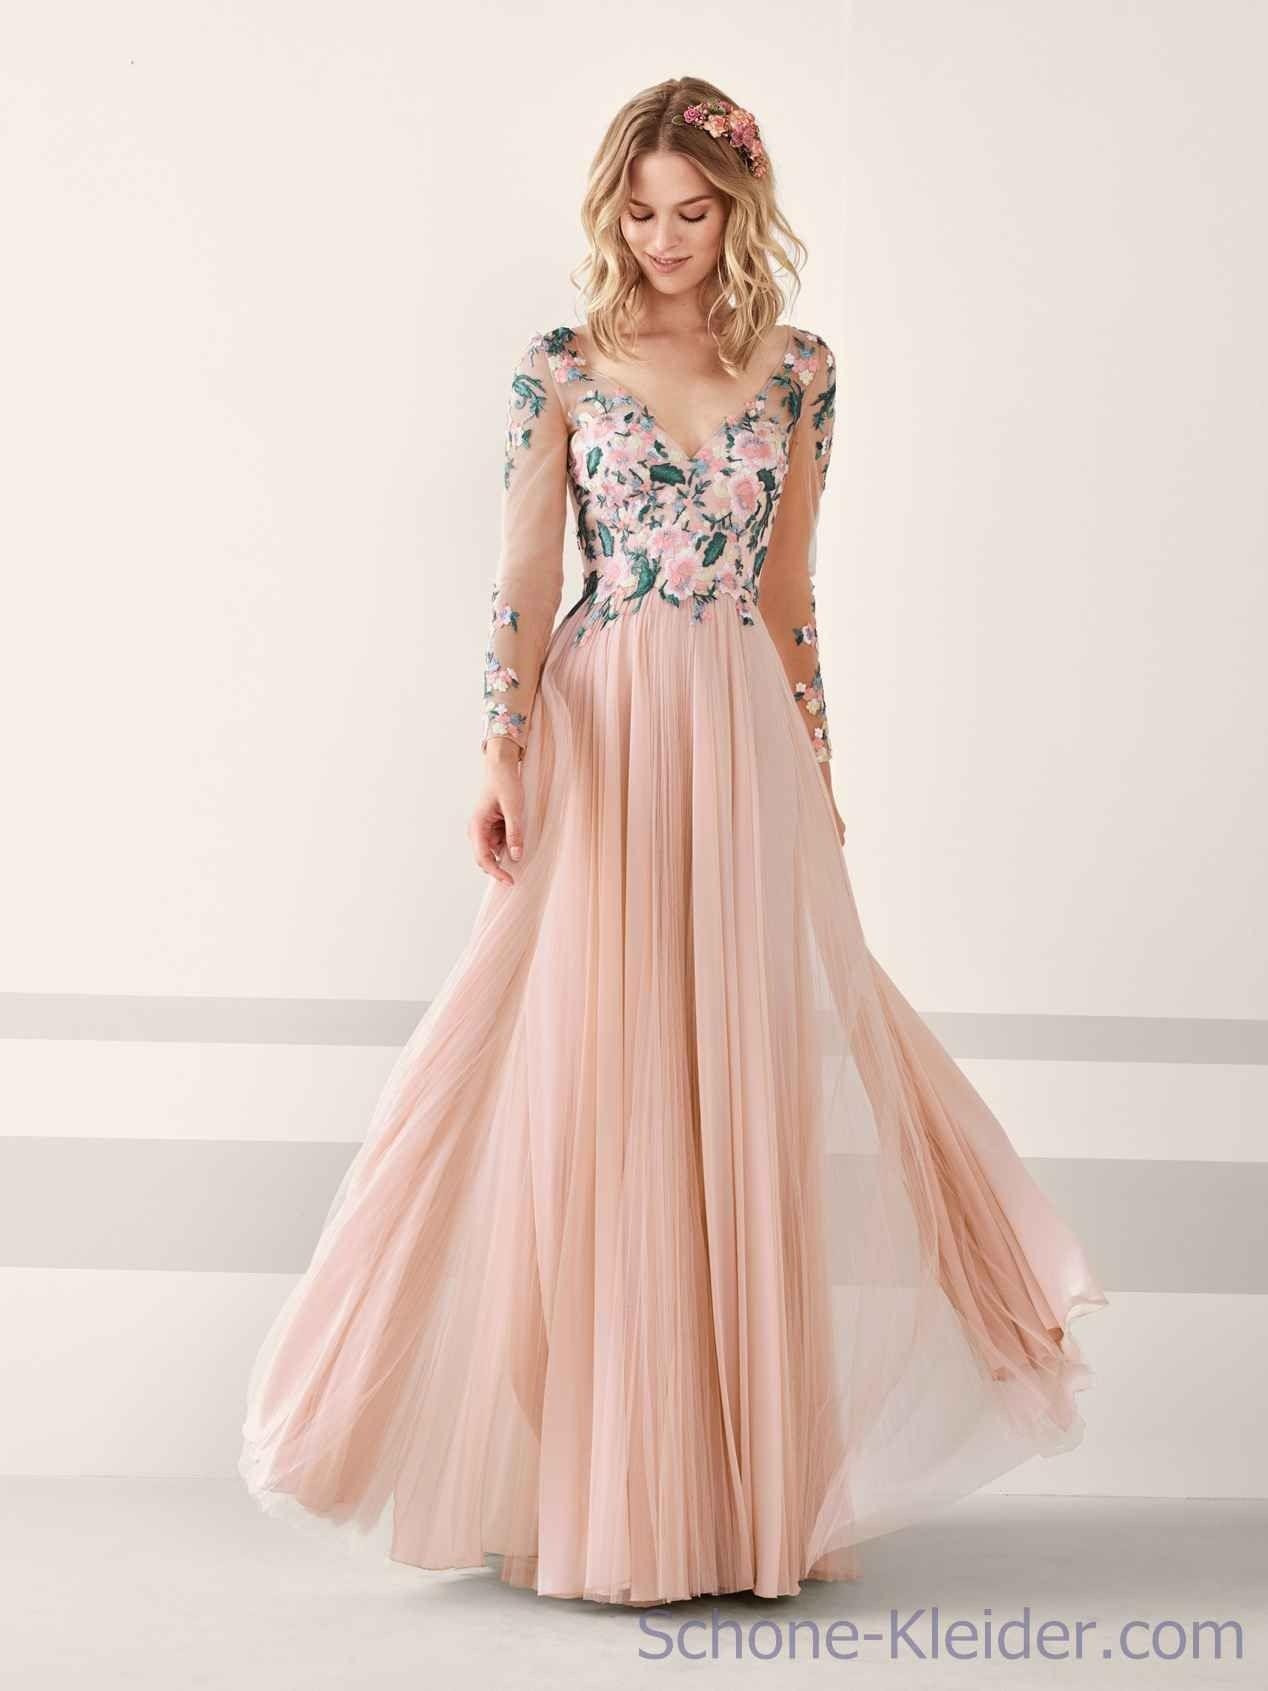 Elegant Schützenkleider Abendkleider Ärmel15 Fantastisch Schützenkleider Abendkleider Spezialgebiet